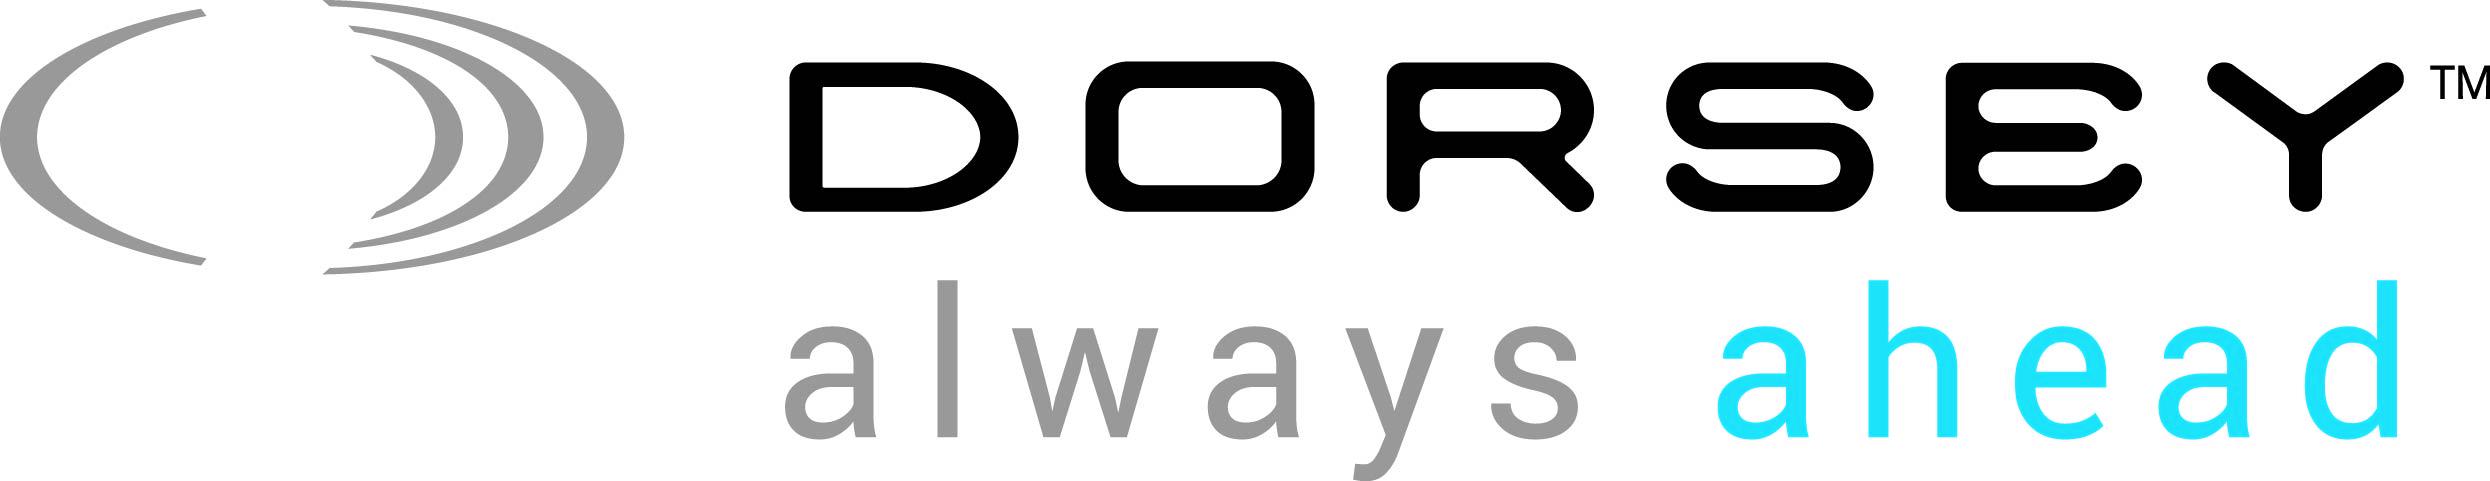 Dorsey Whitney logo